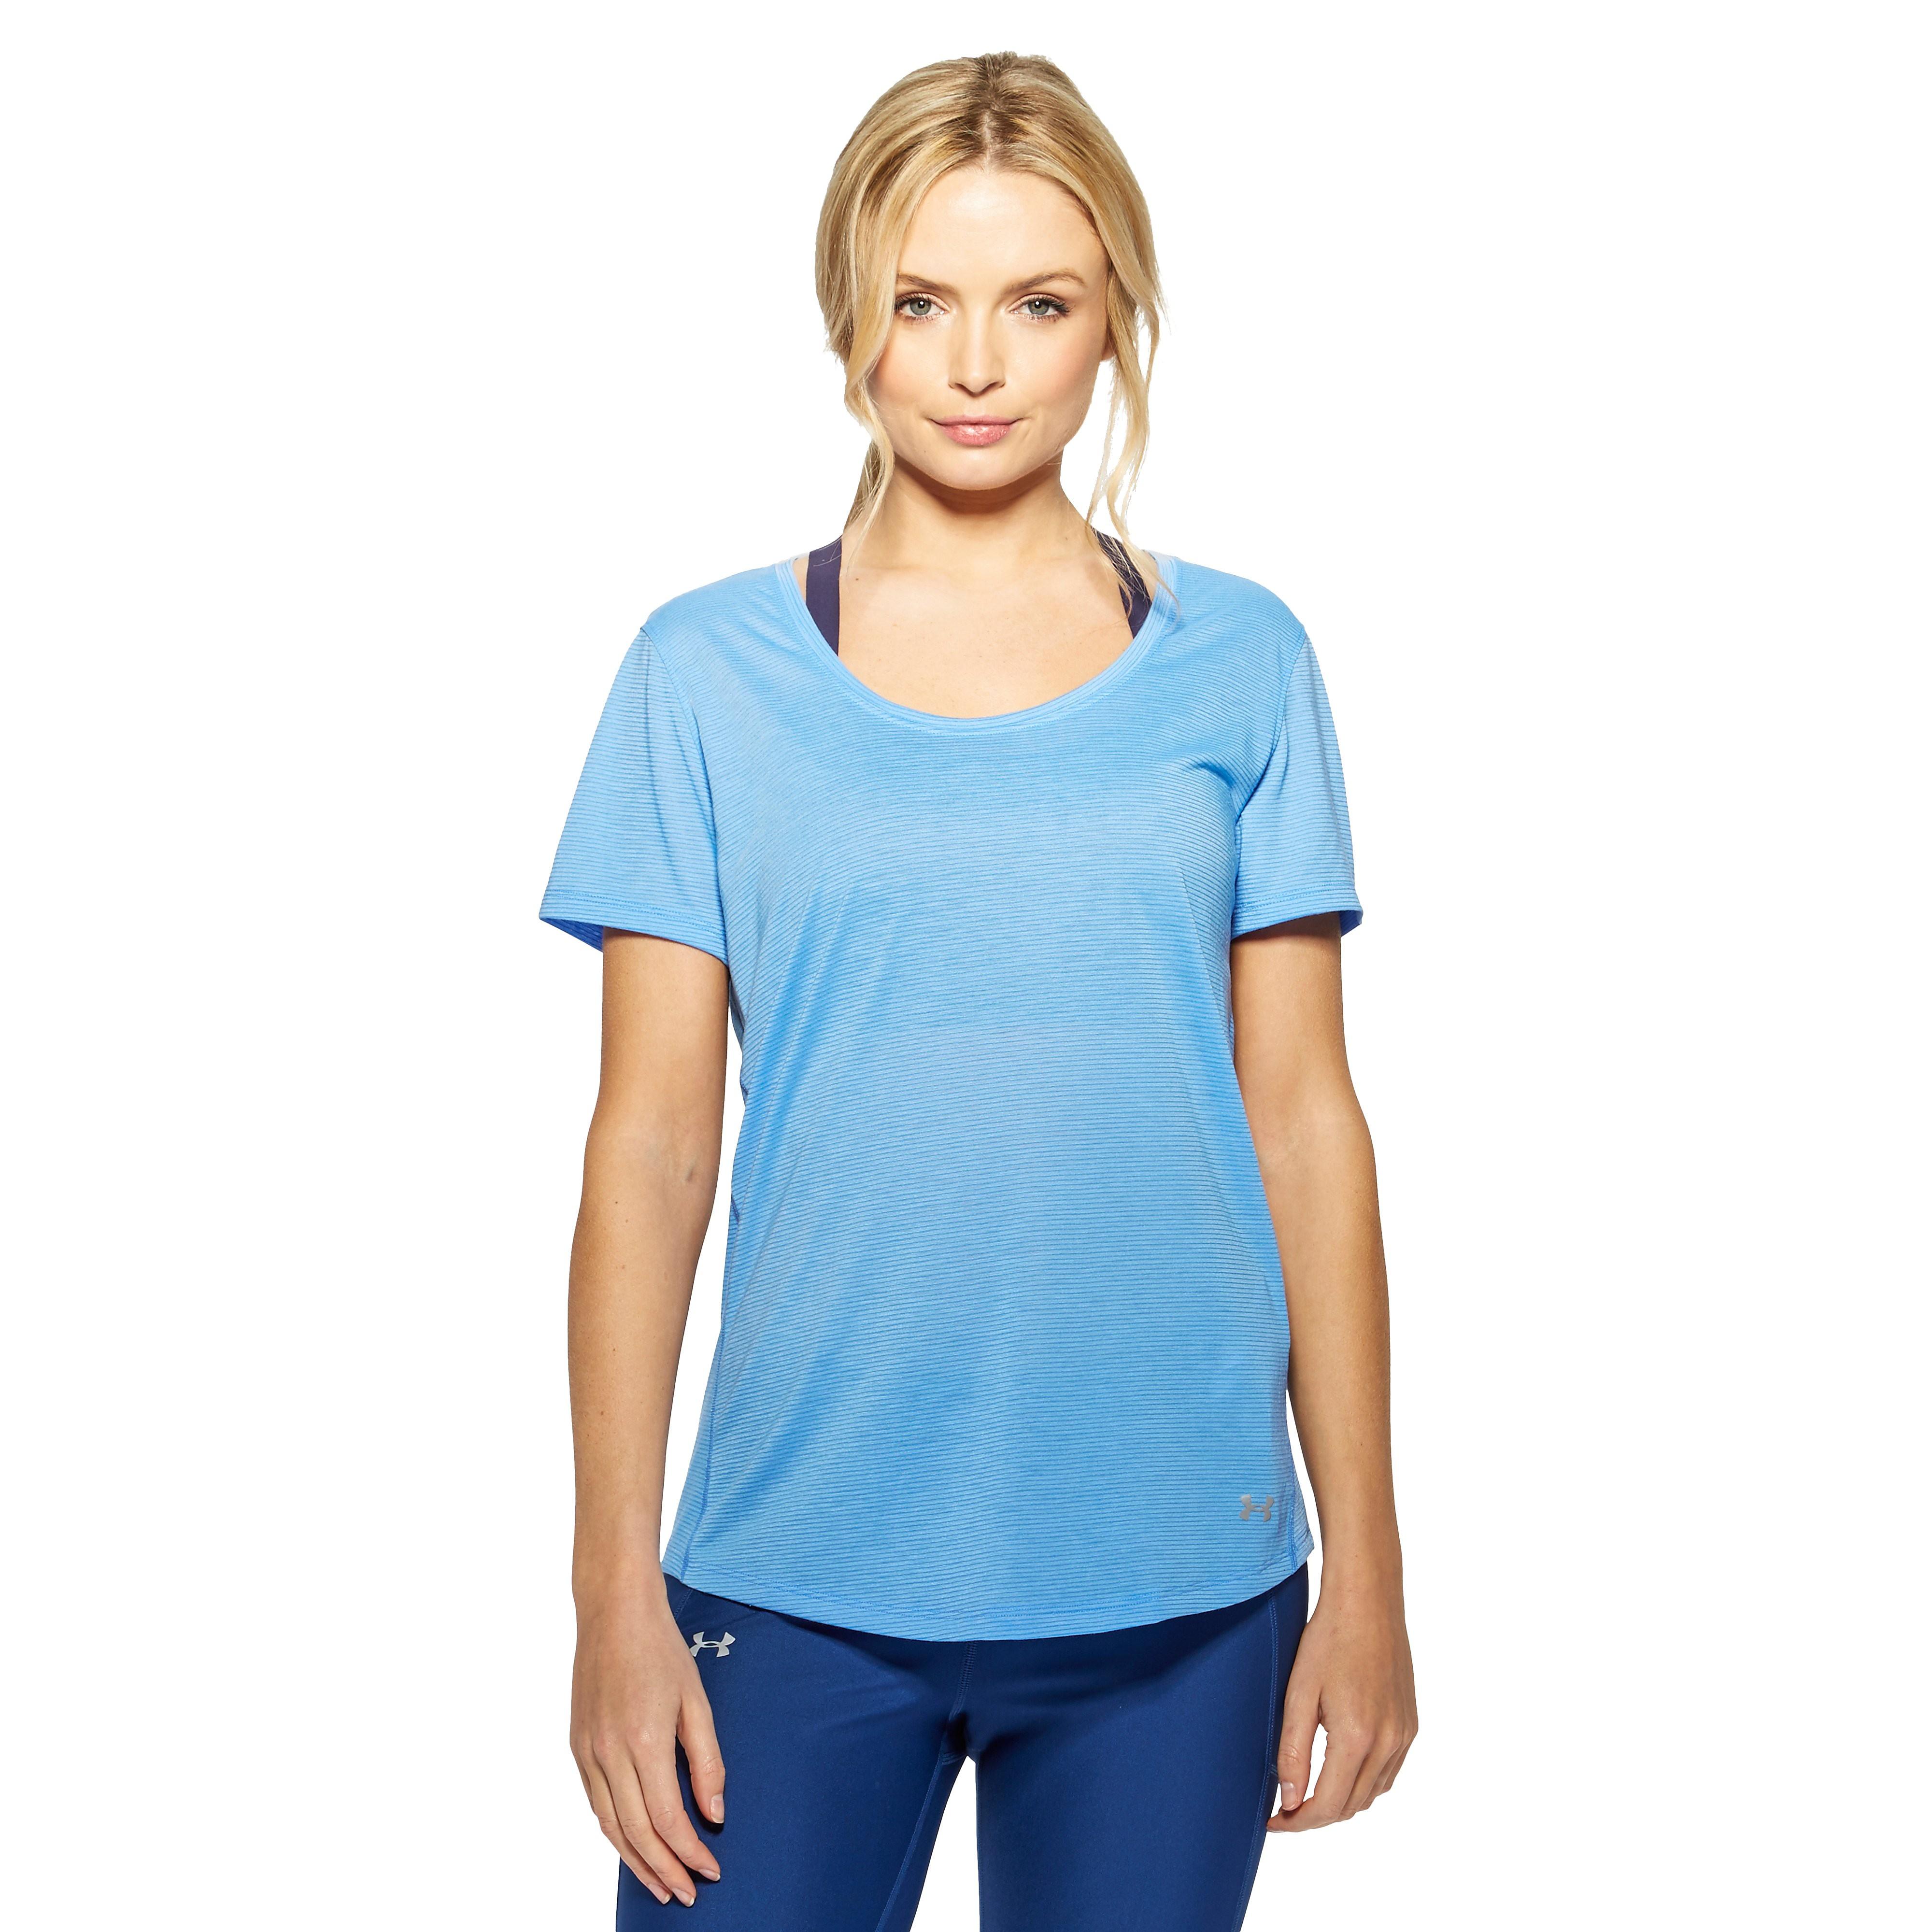 Under Armour Streaker Short Sleeve Women's Running T-Shirt